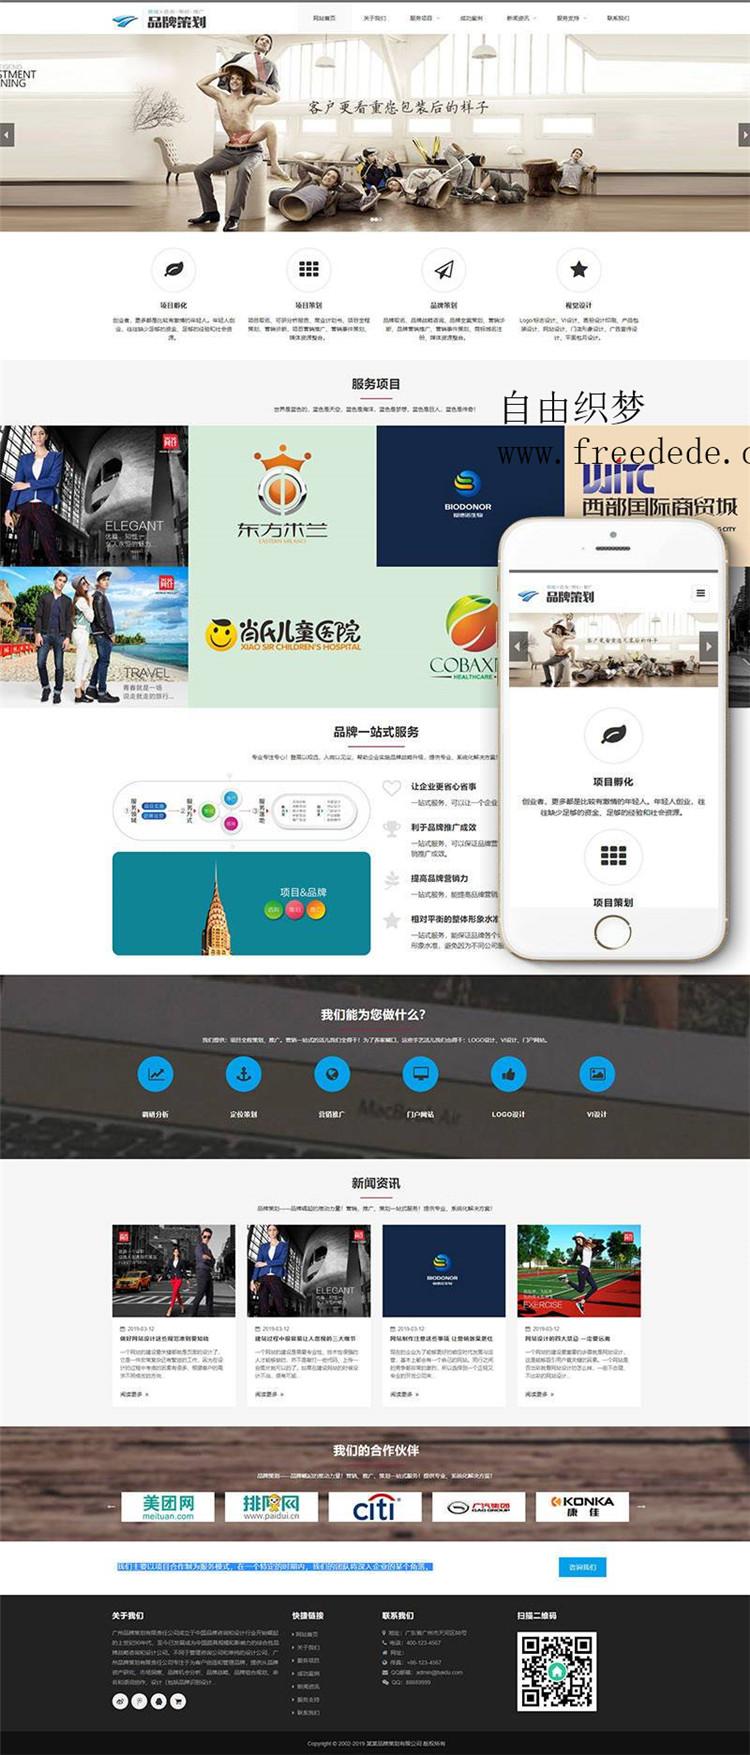 爱上源码网文章dedecms模板下载 响应式品牌策划类网站织梦模板(自适应手机端)的内容插图